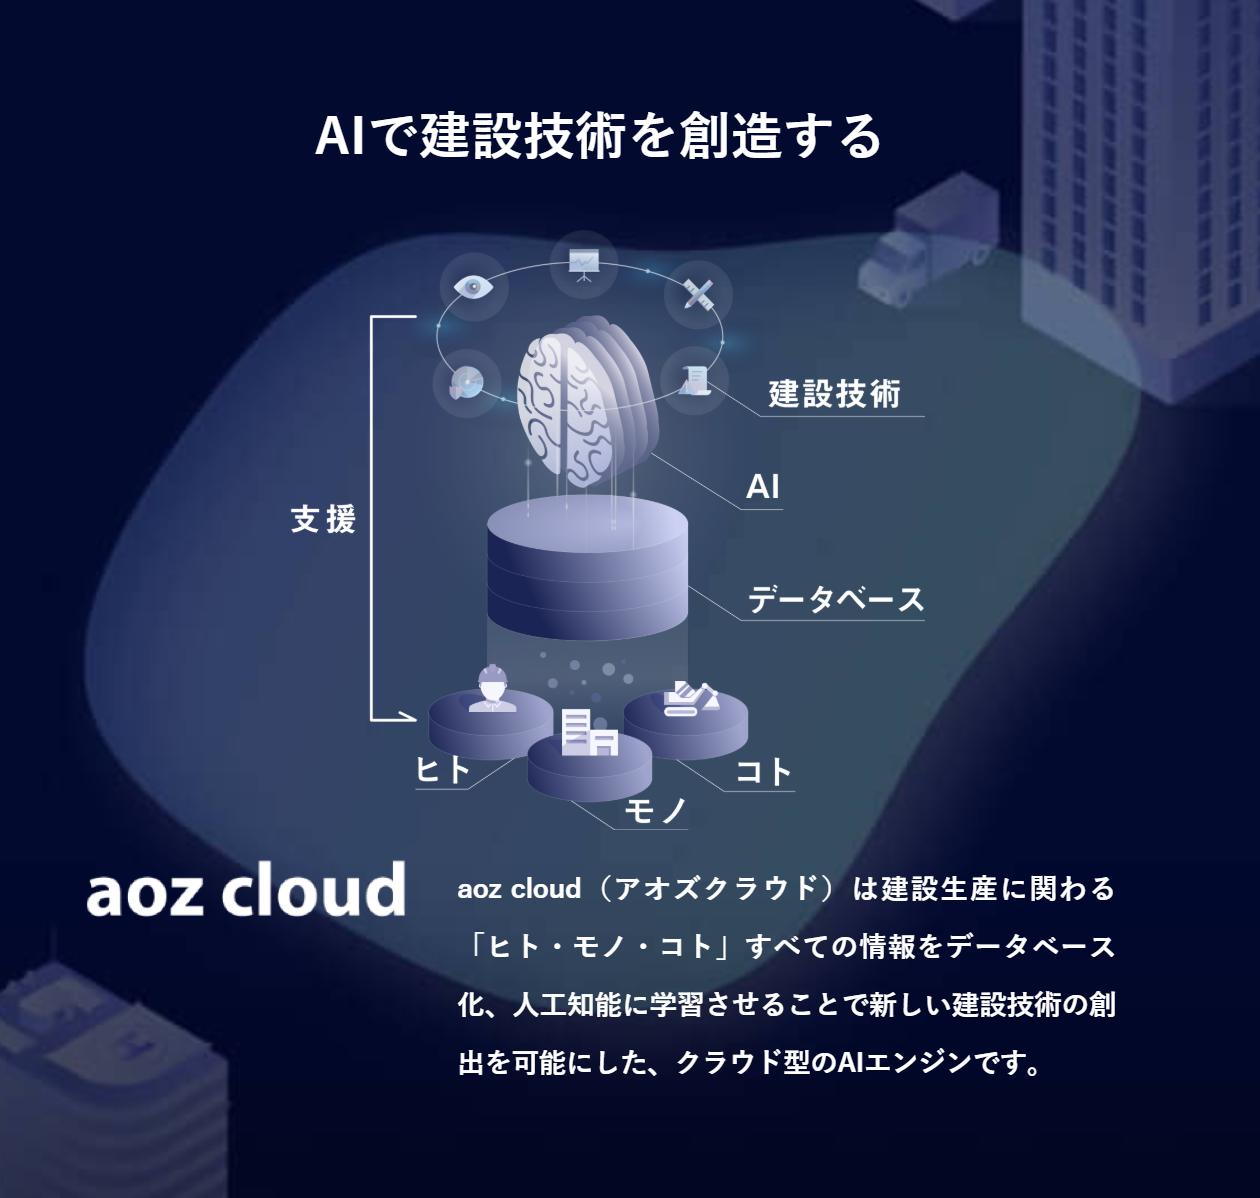 クラウド型AIエンジン『aoz cloud』